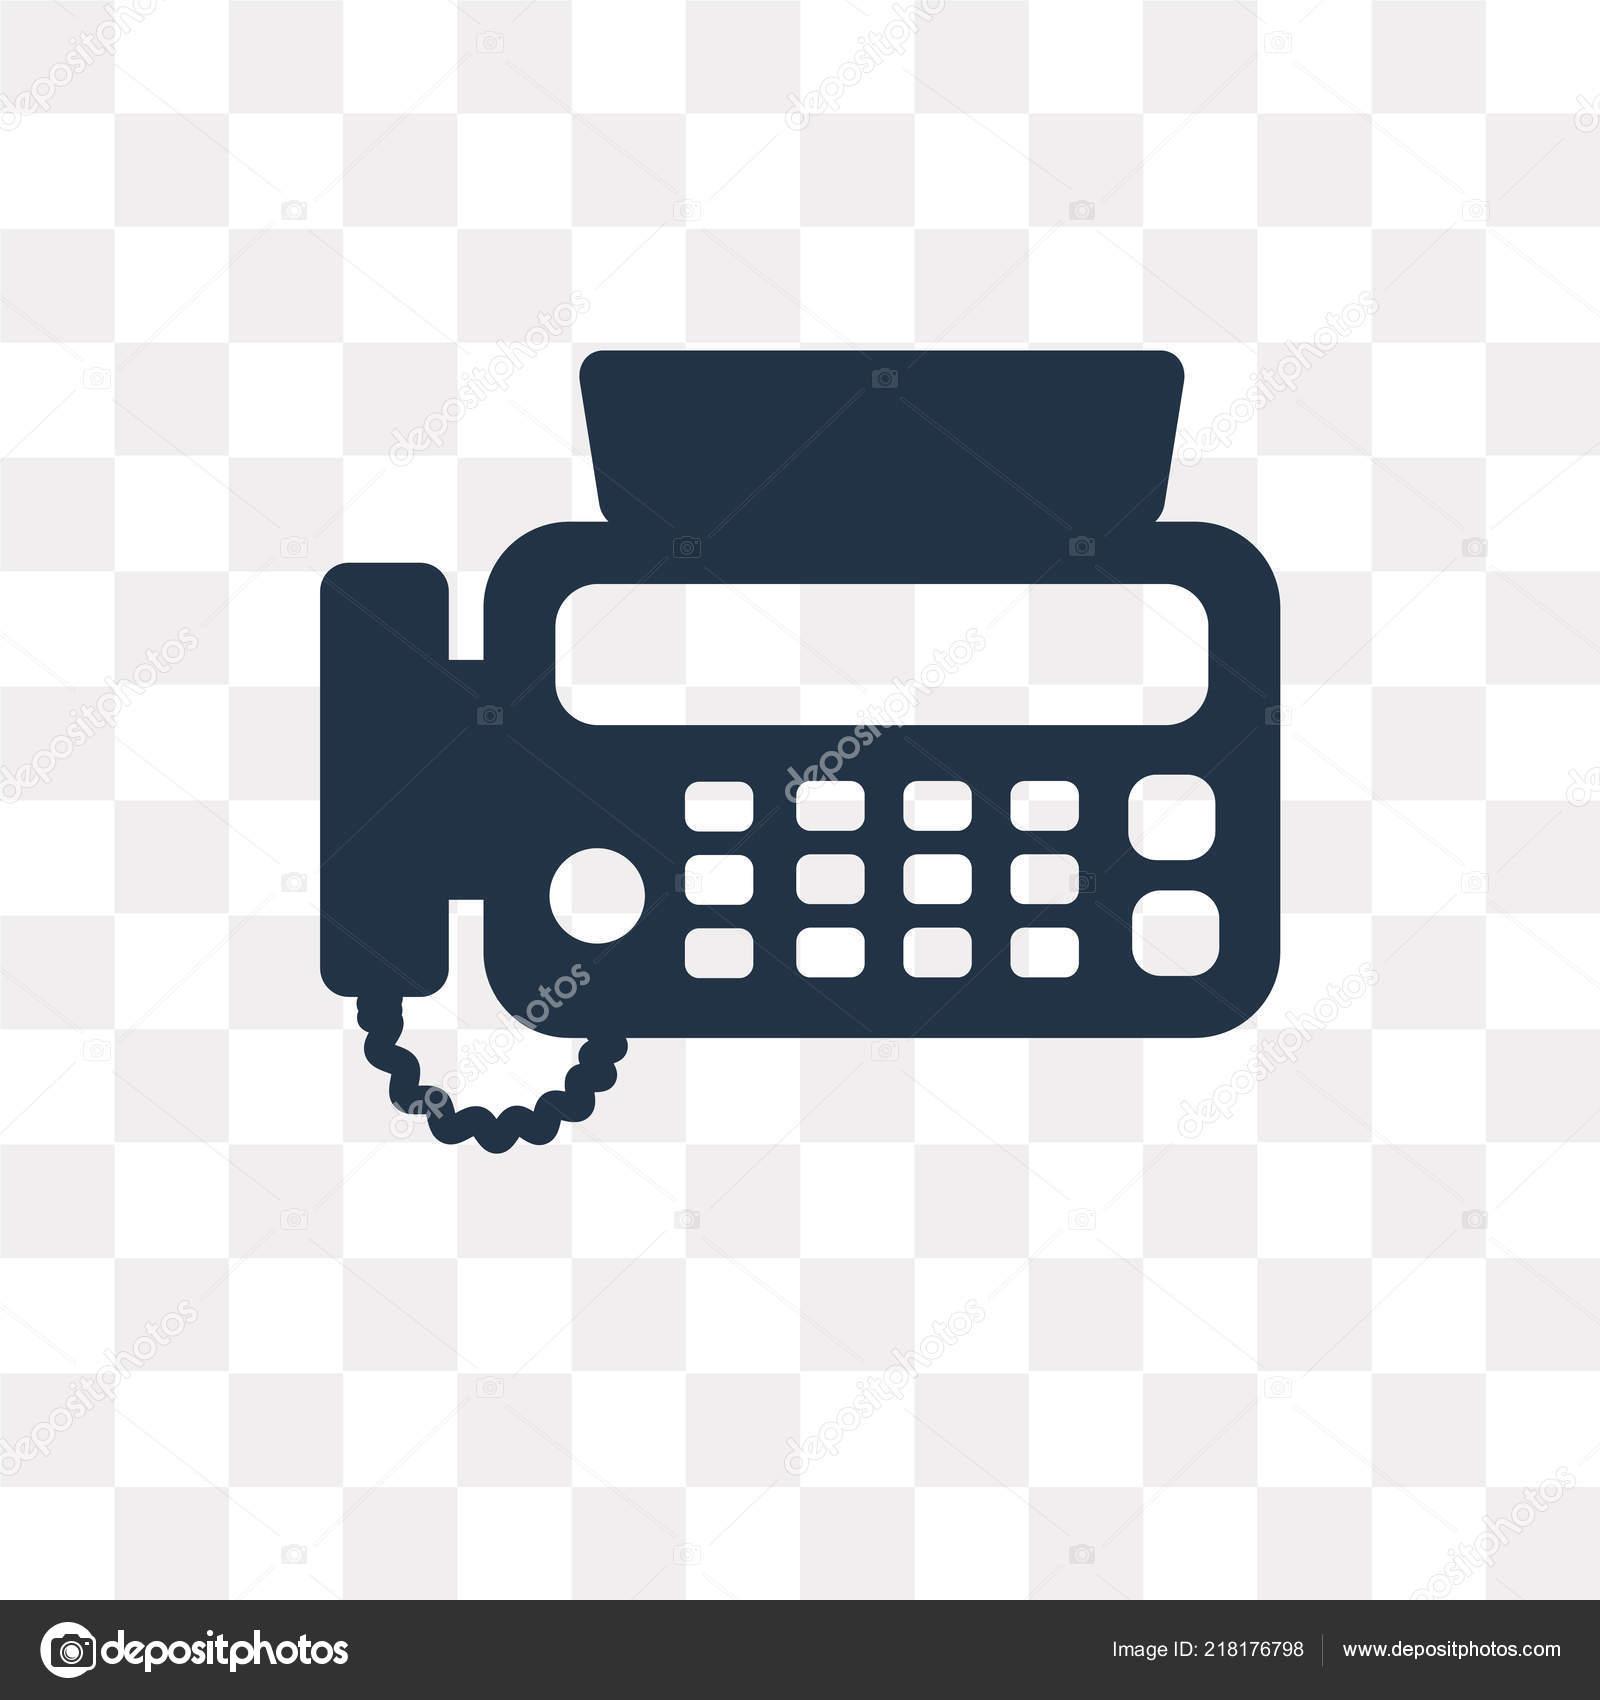 Get Fax Vector Icon